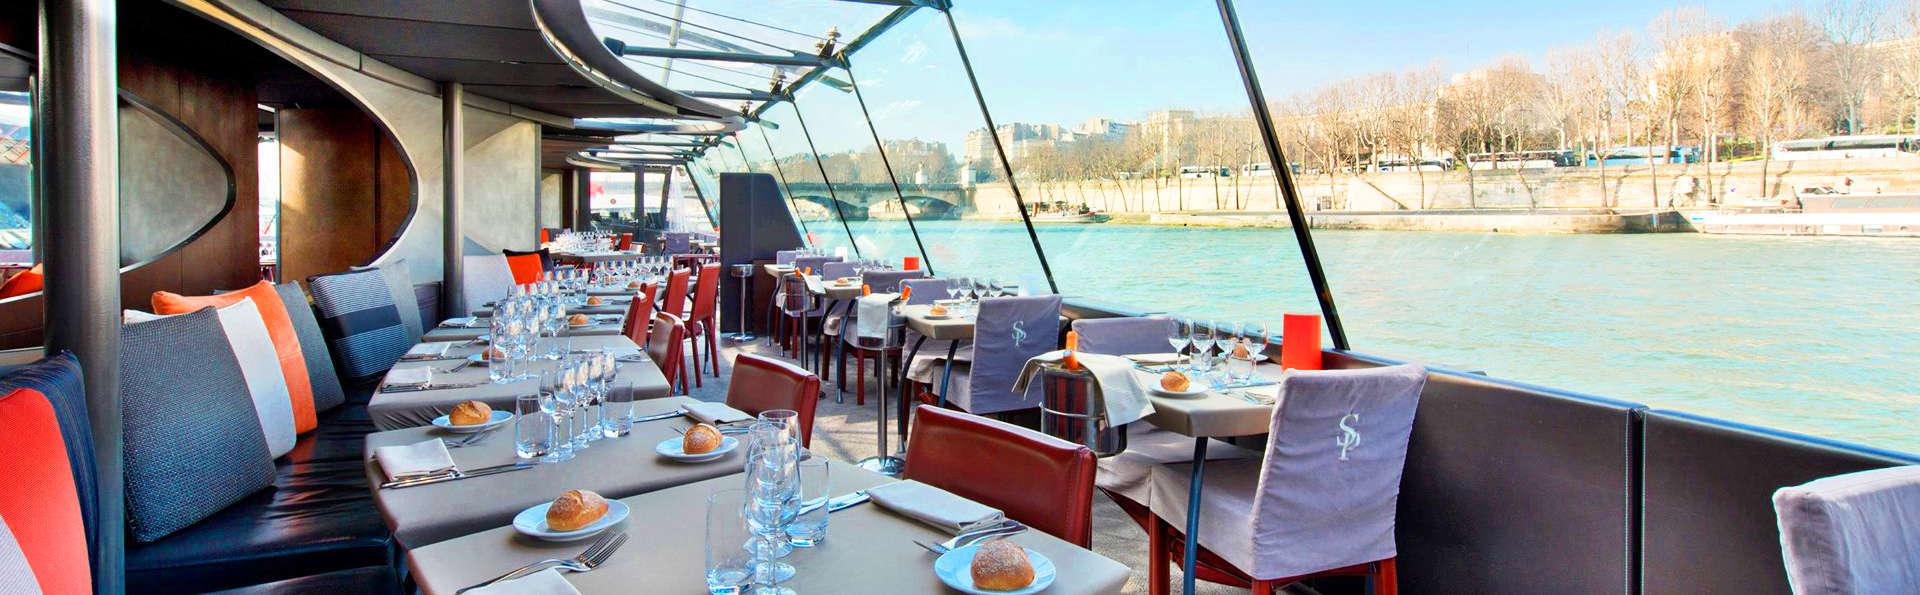 Découverte des plus beaux monuments de Paris avec croisière sur la Seine